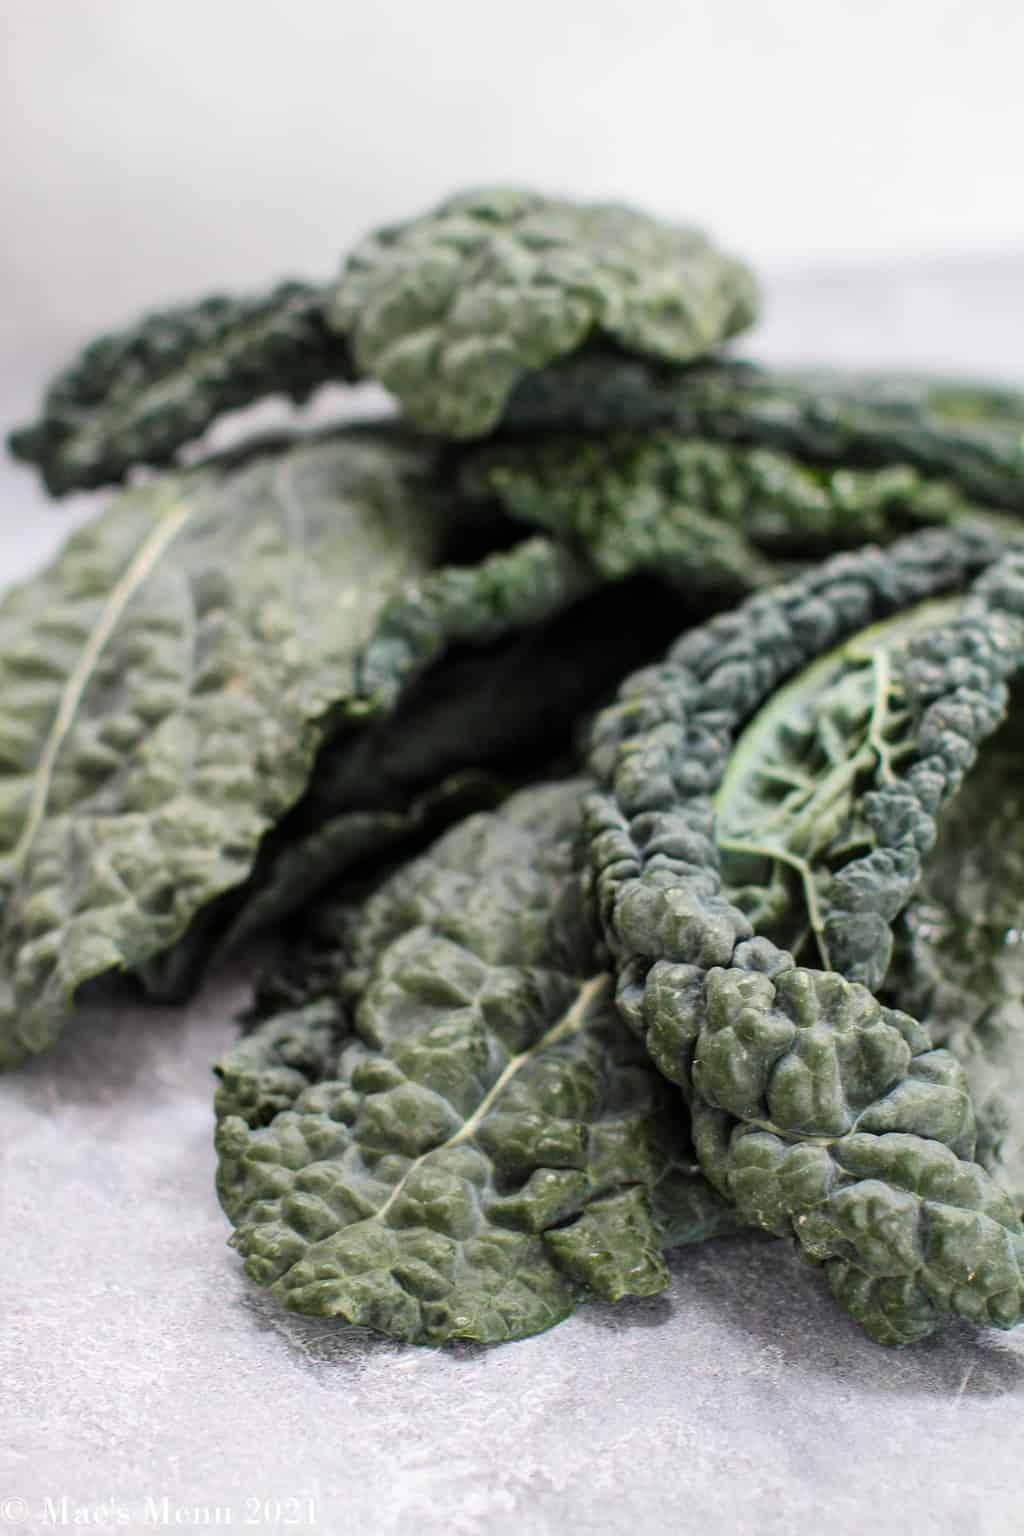 The top shot of dinaosuar kale on a countertop